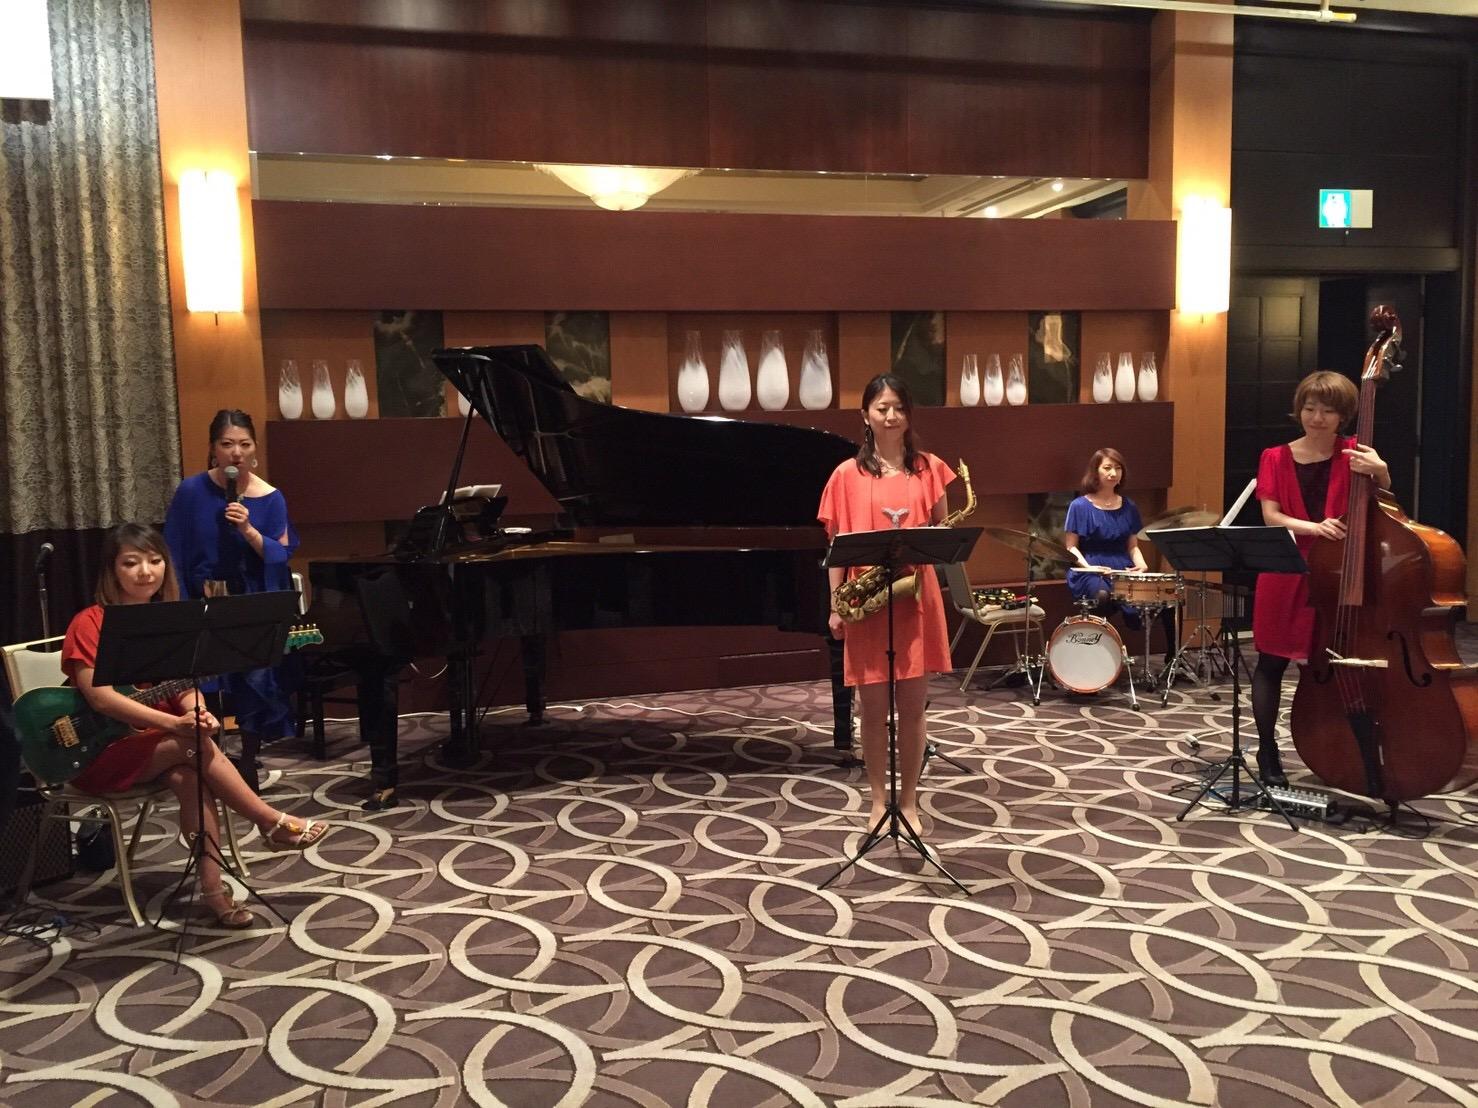 かっこいい女性ジャズユニットで会場を盛り上げました